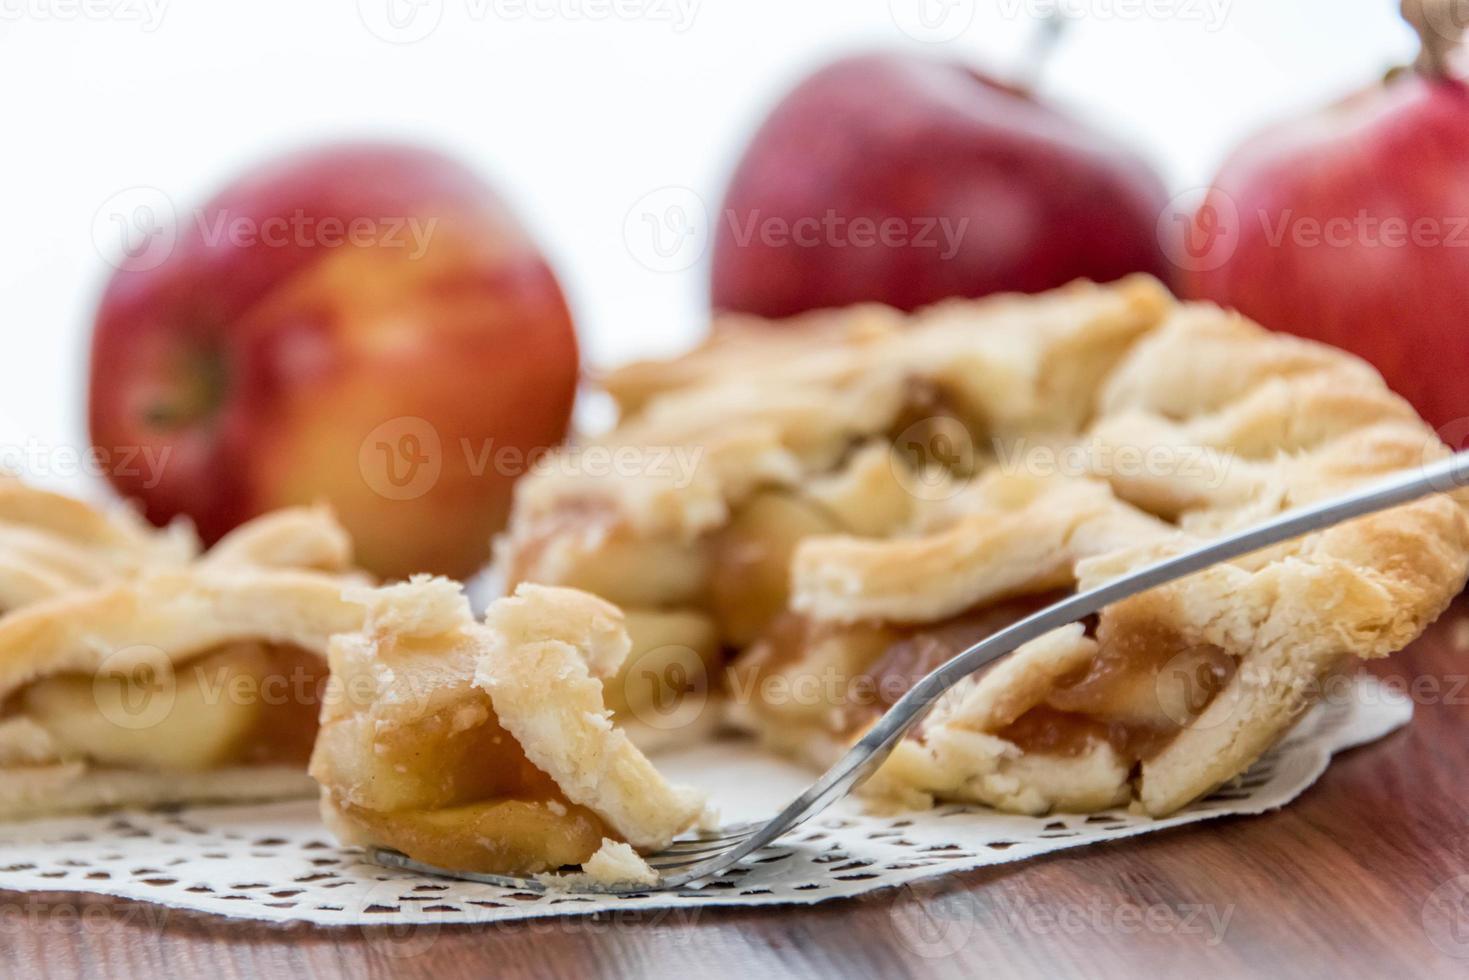 torta de maçã fatiada assada fresca foto